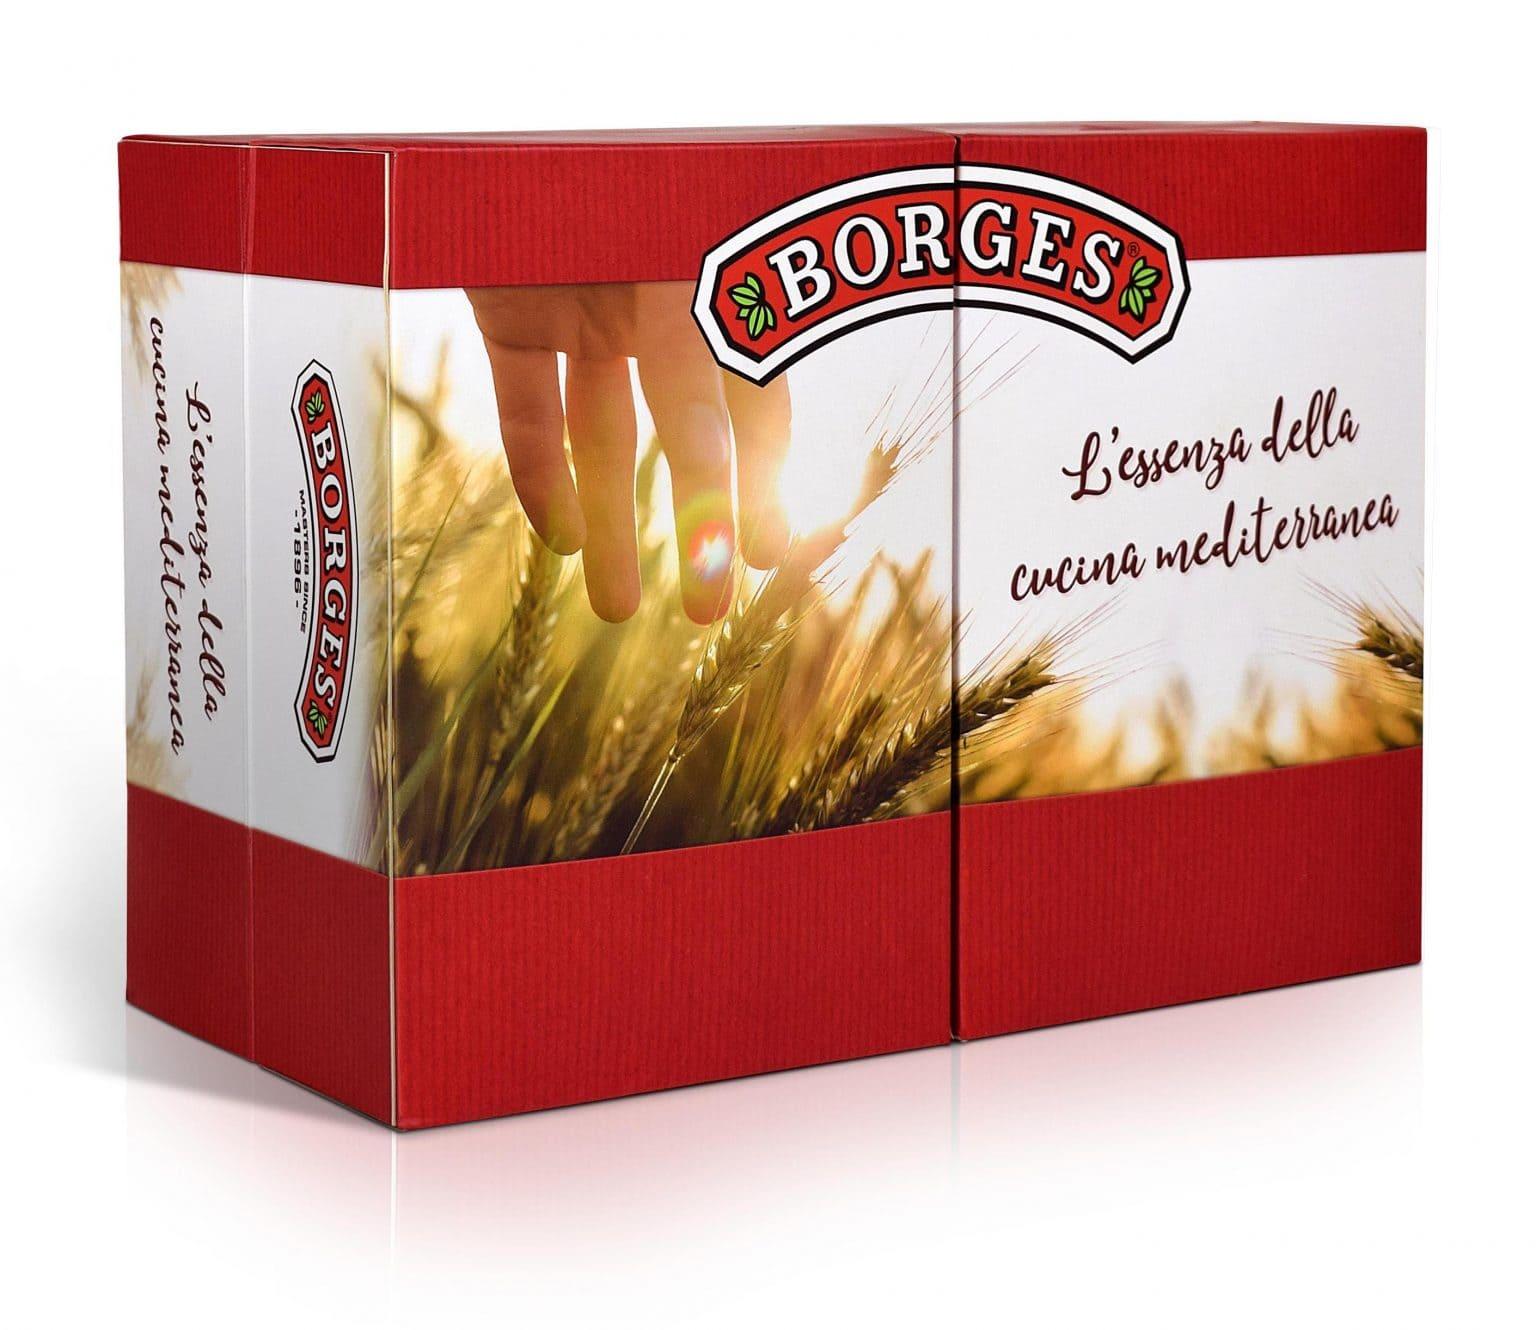 Borges Pastas